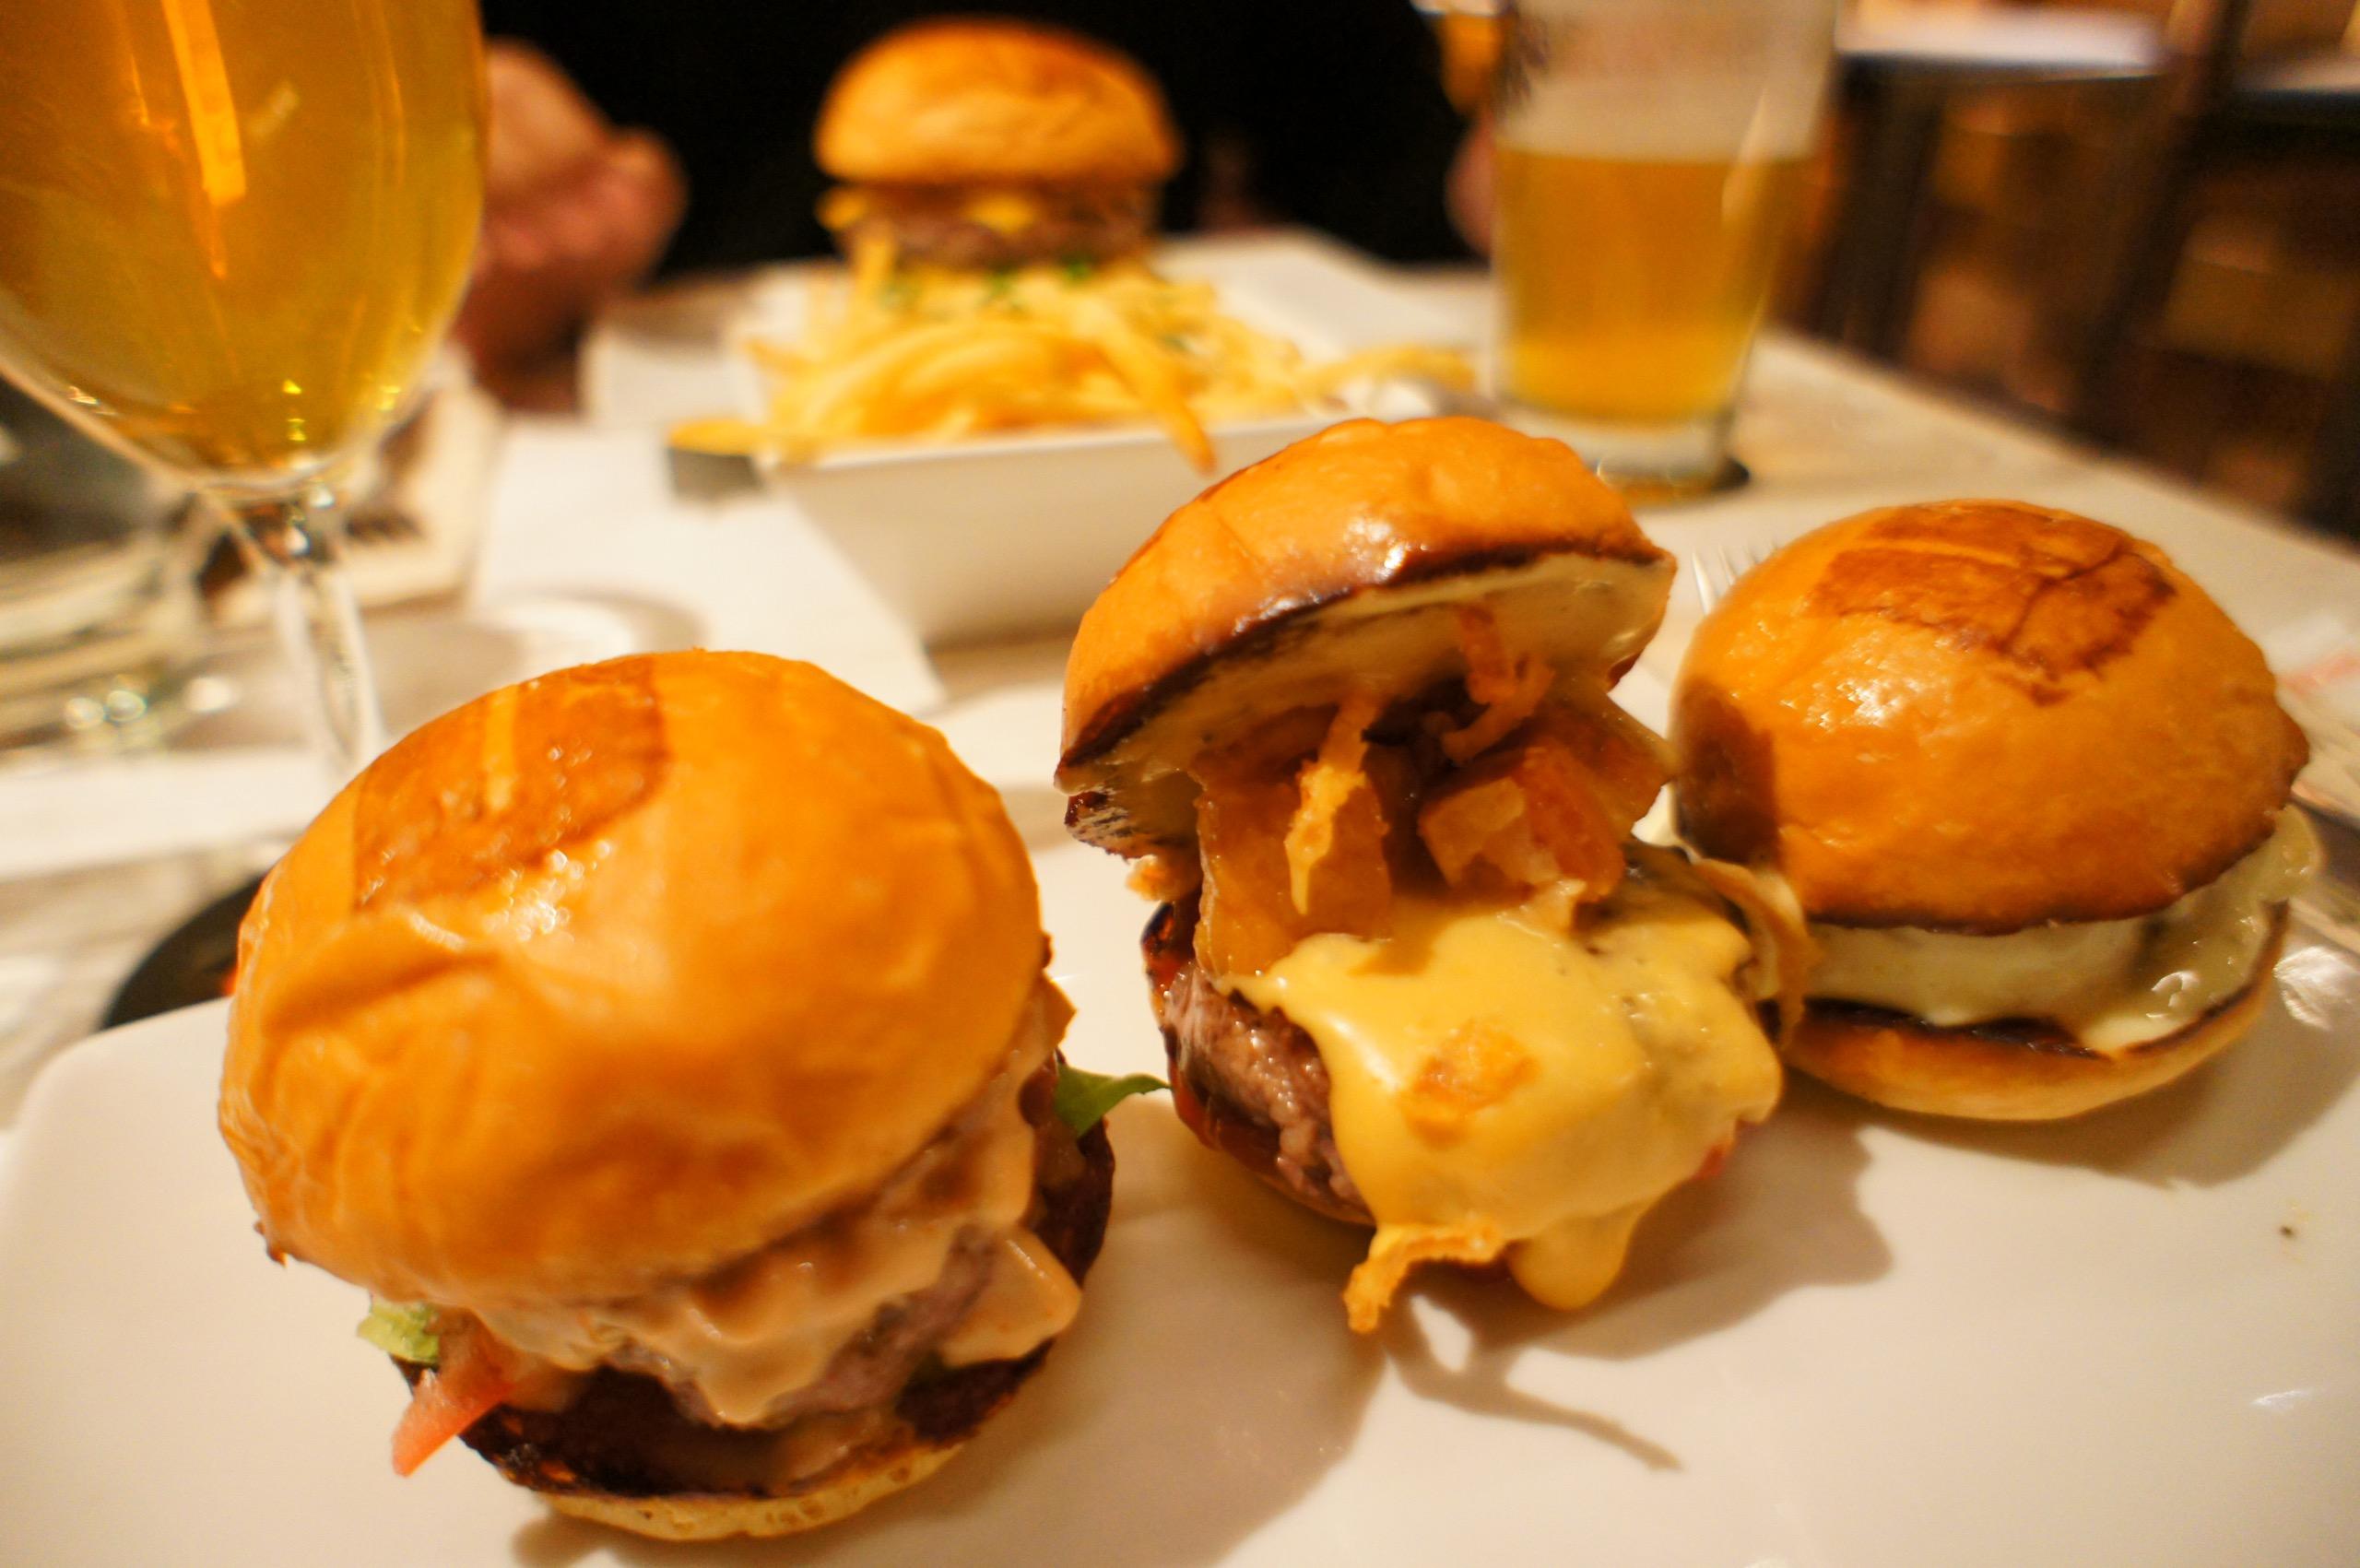 《ご当地MORE★東京》都内で絶品ハンバーガーを食べるならココ☝︎❤️青山【UMAMI BURGER】がおすすめ!☻_1